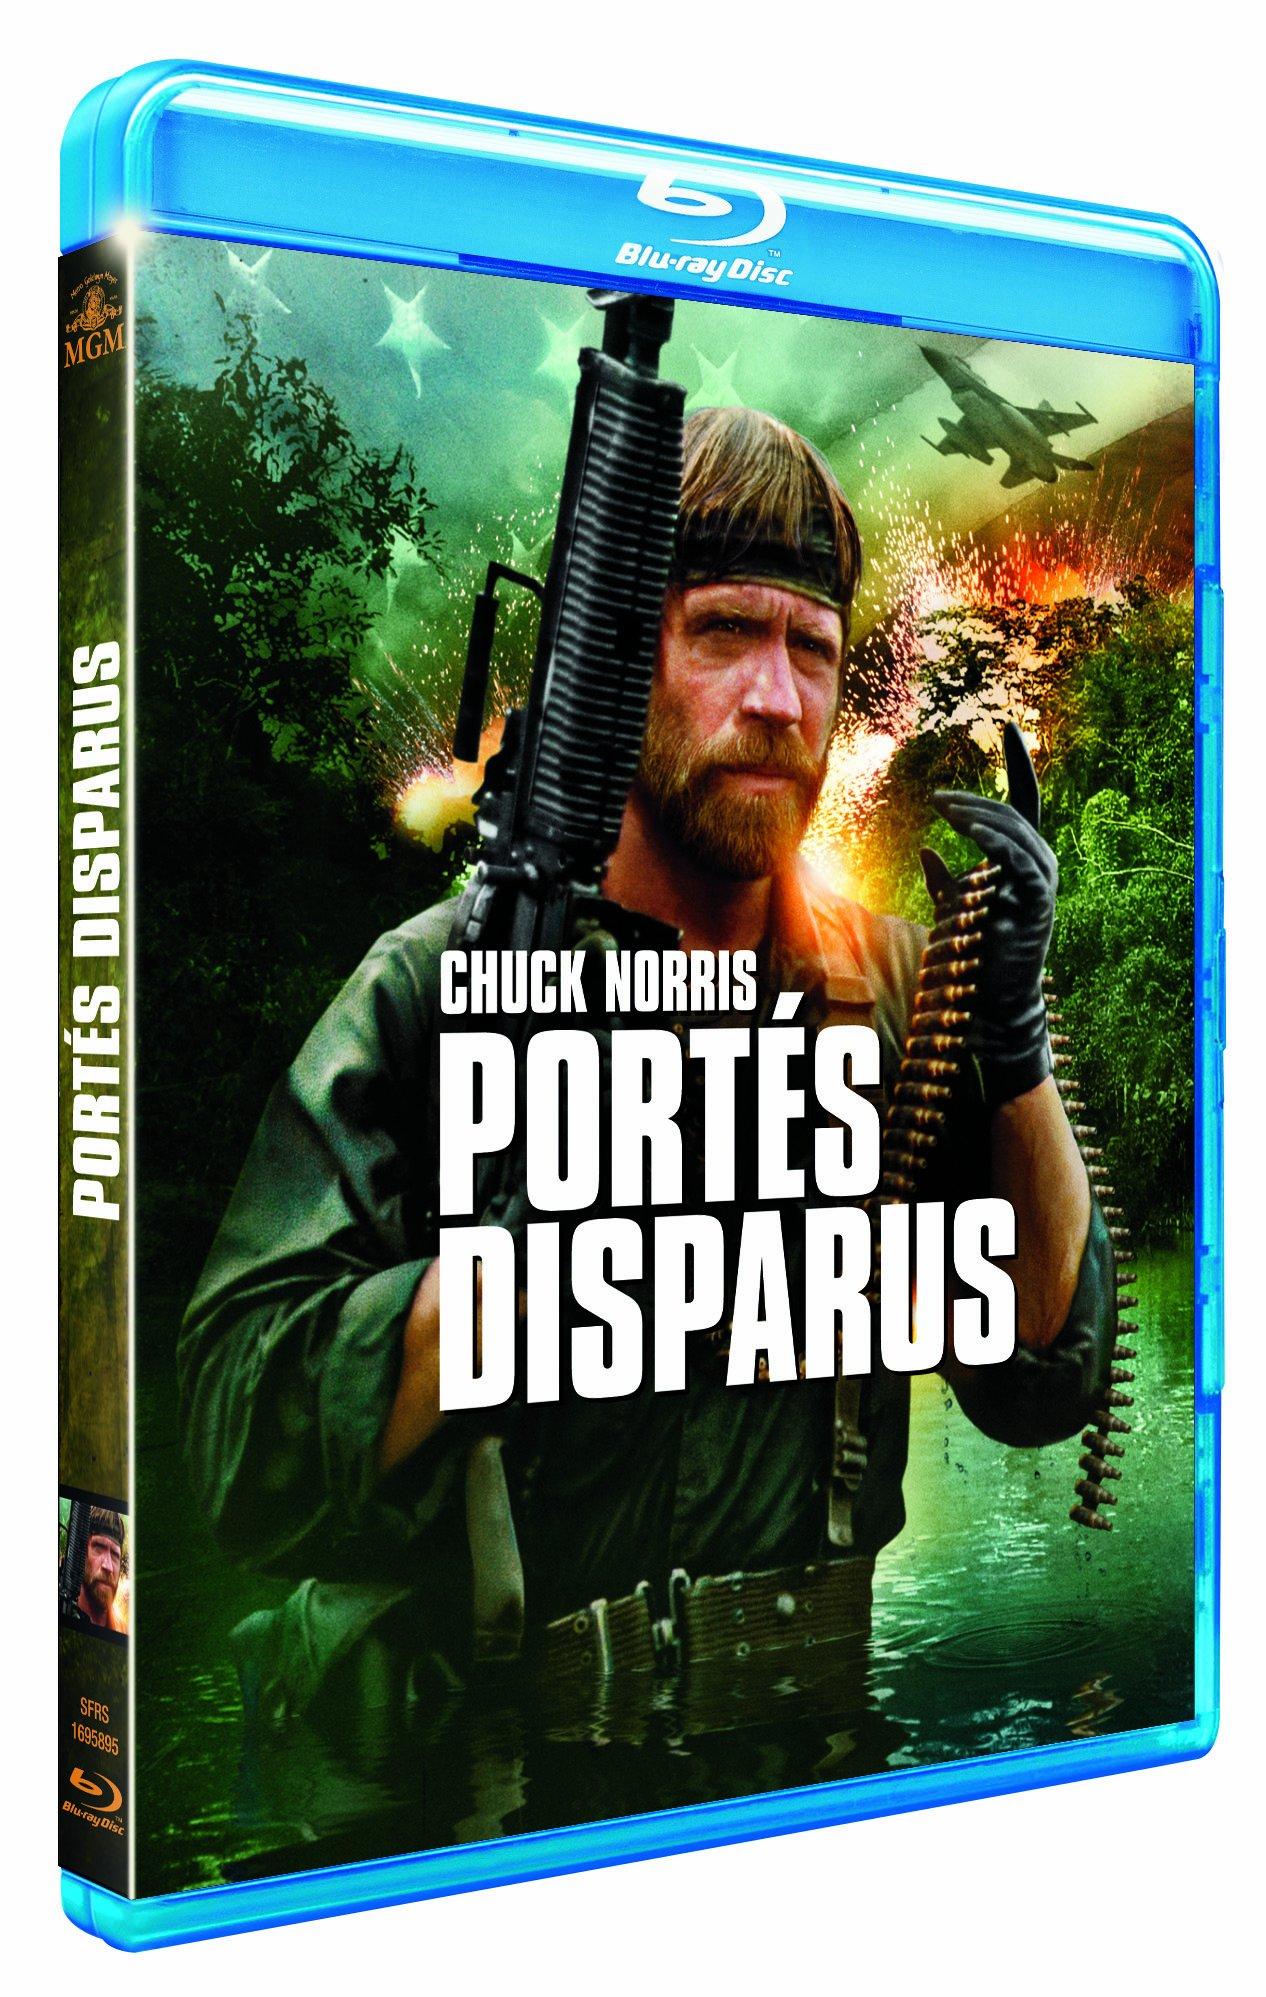 DISPARUS NORRIS CHUCK PORTÉS TÉLÉCHARGER